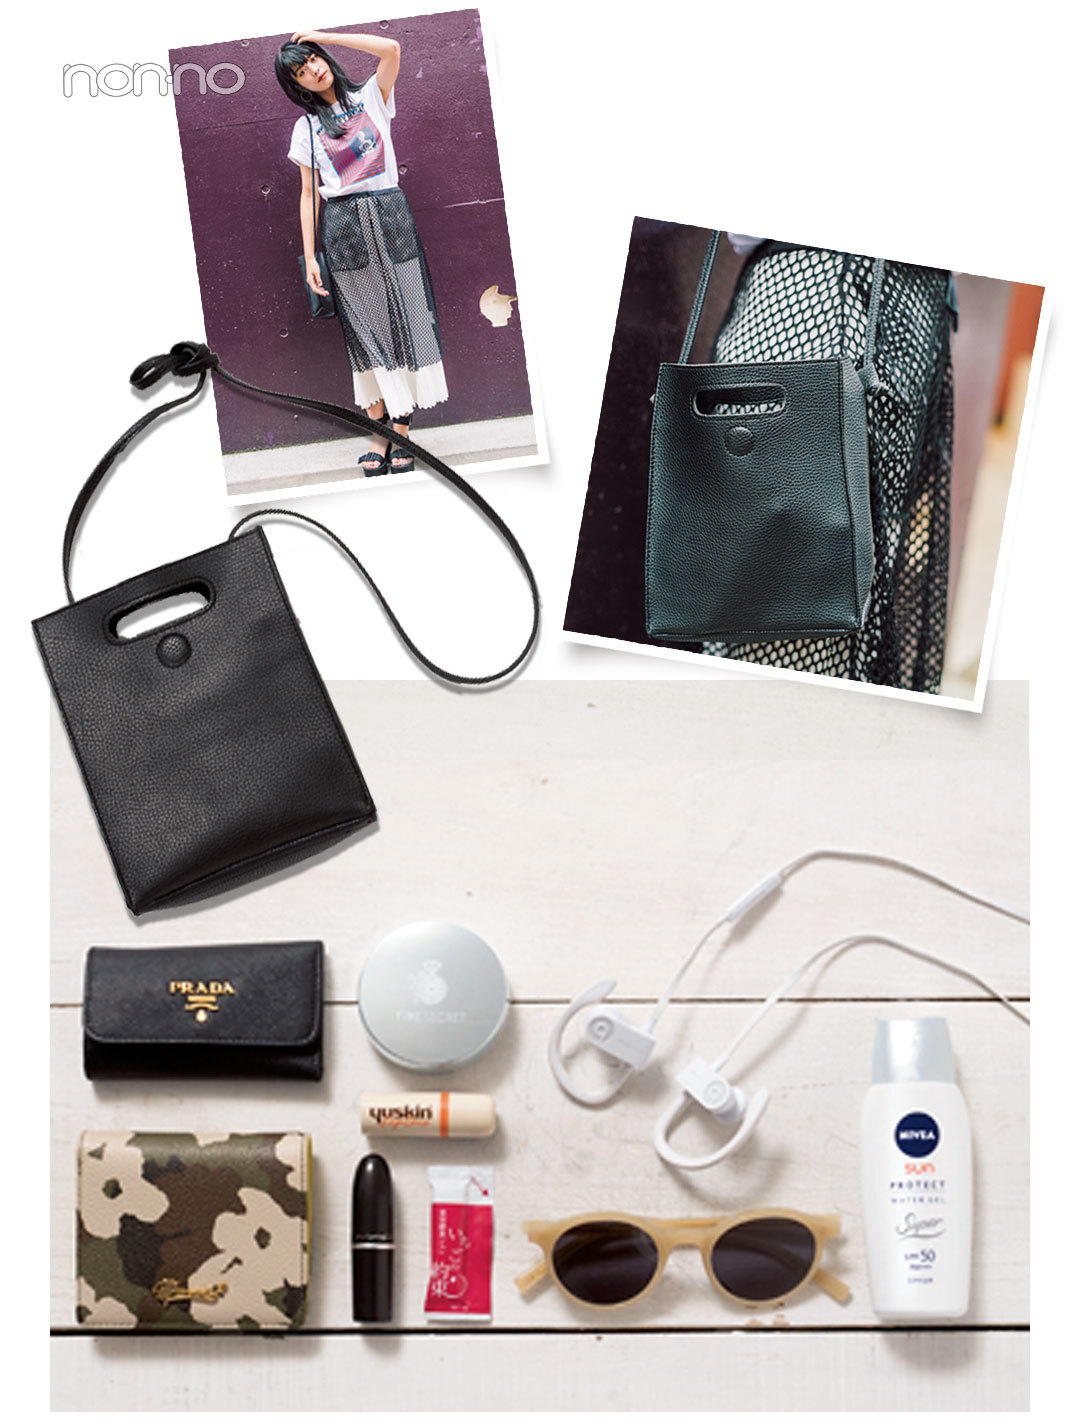 ノンノモデルのバッグとバッグの中身をのぞき見! サンローランのバッグも登場♡_1_1-1